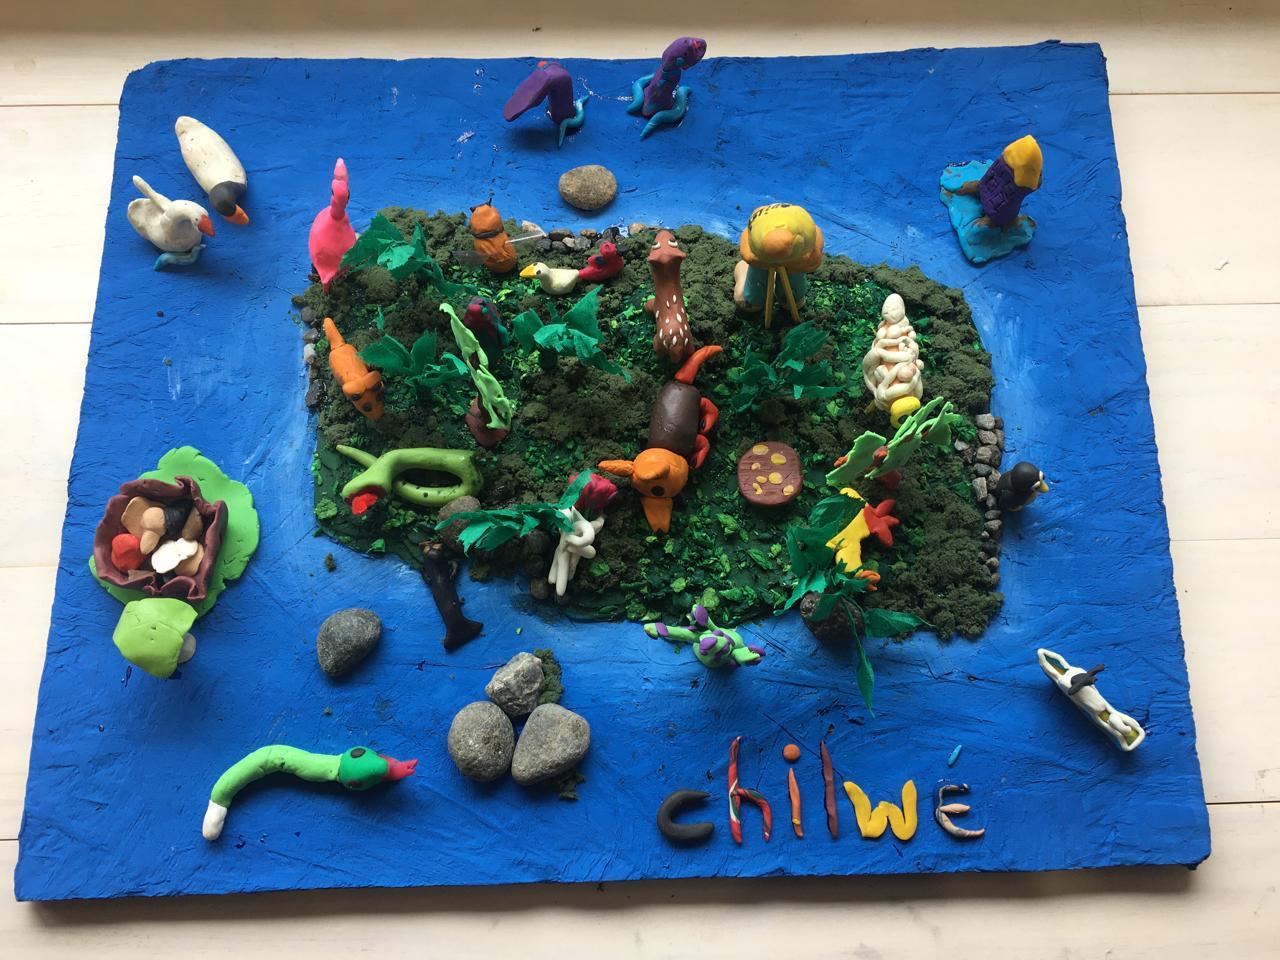 Obra desarrollada por niños, en el marco de los talleres realizados durante la exposición